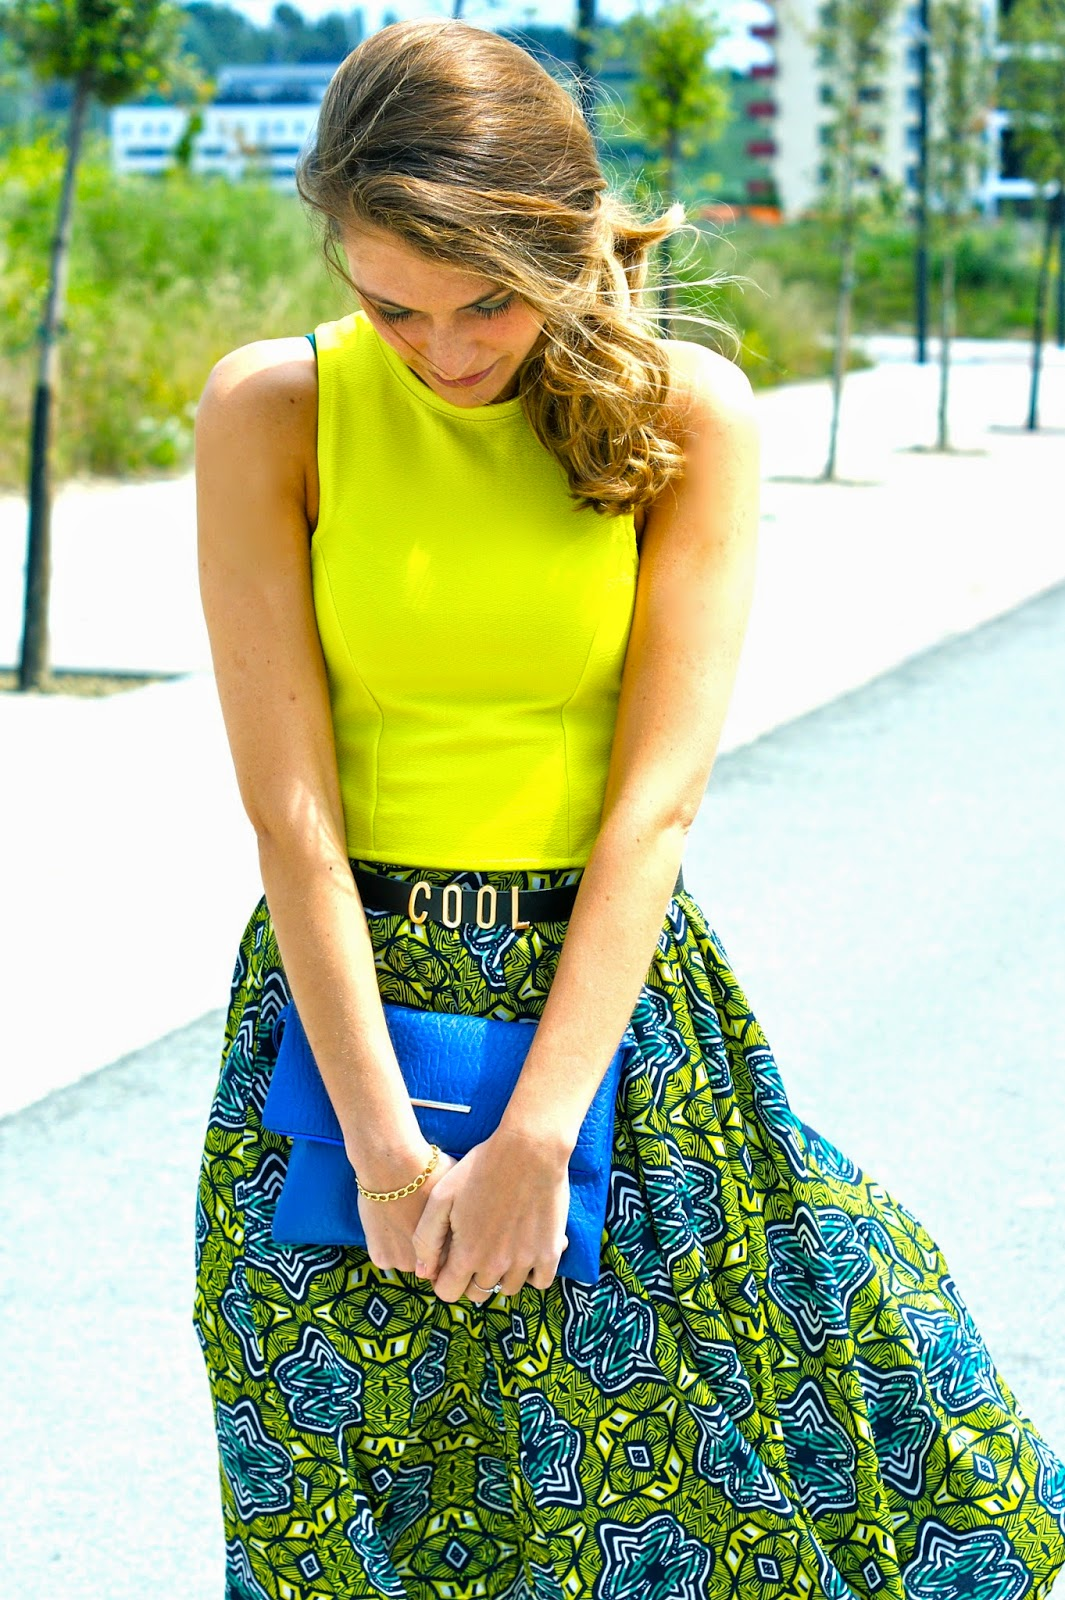 midi skirt look